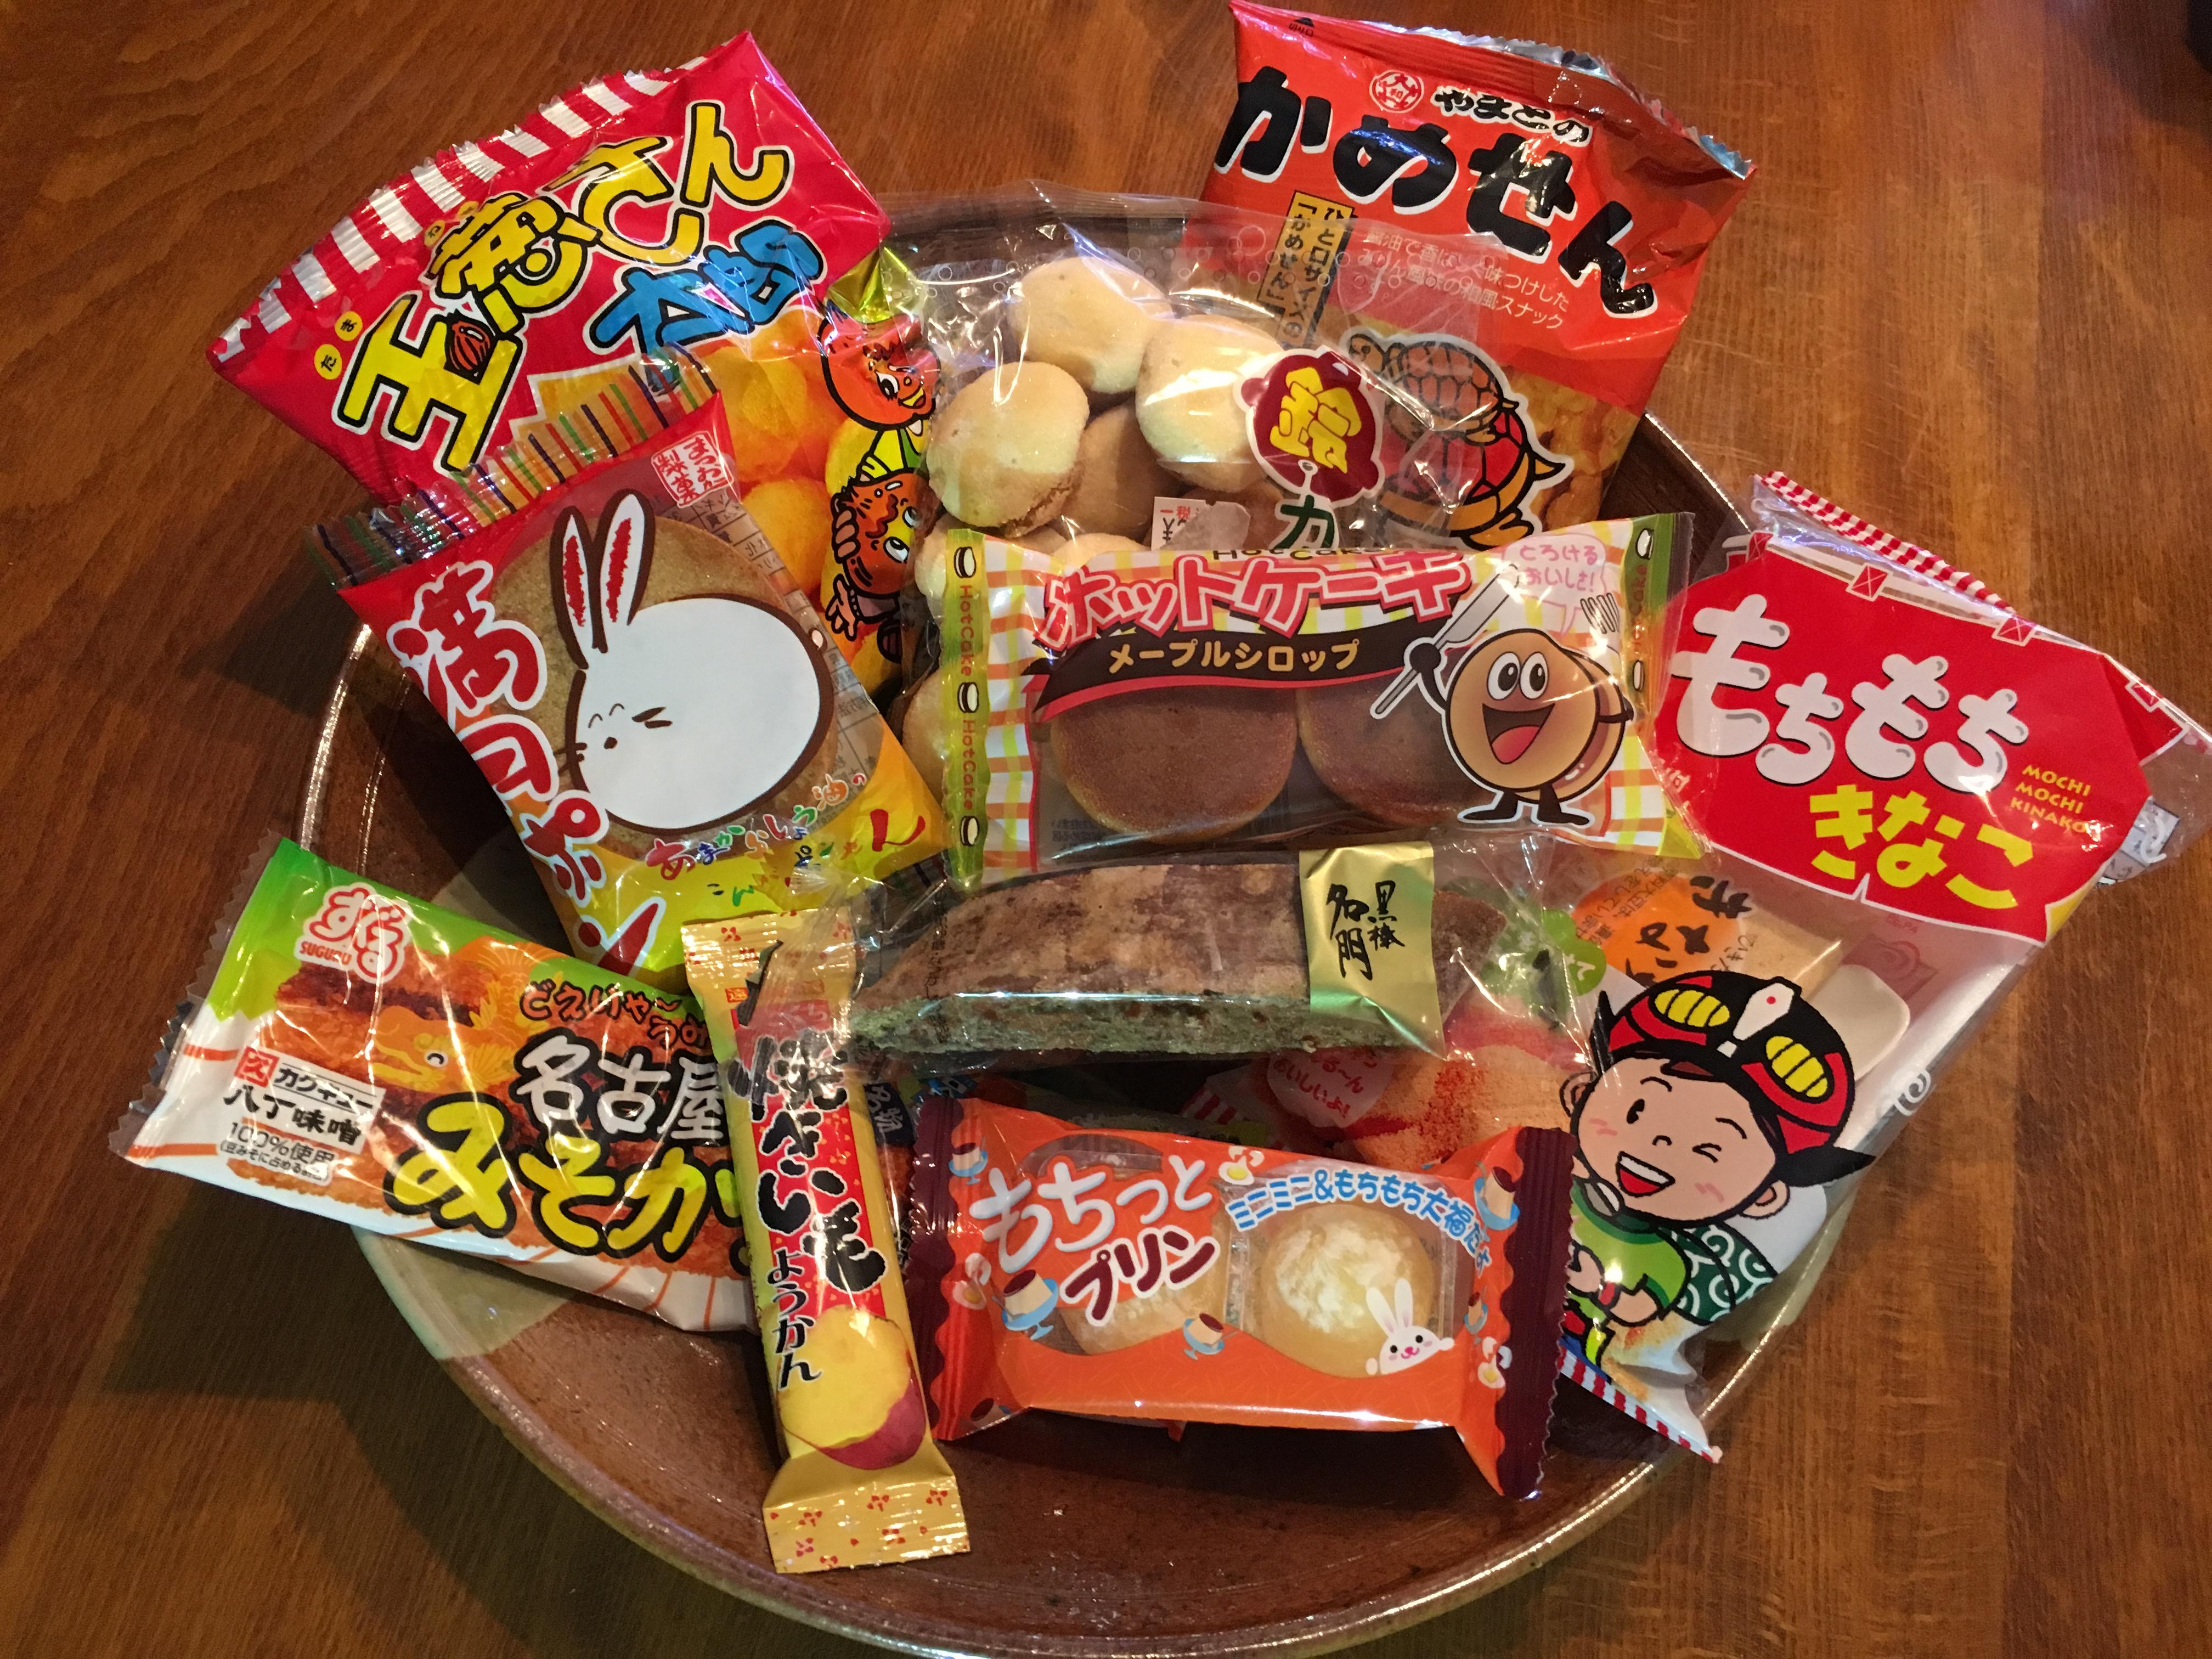 大阪にある「夢ぎゃらりぃ」で買った今どきの駄菓子を食べ比べてみた!